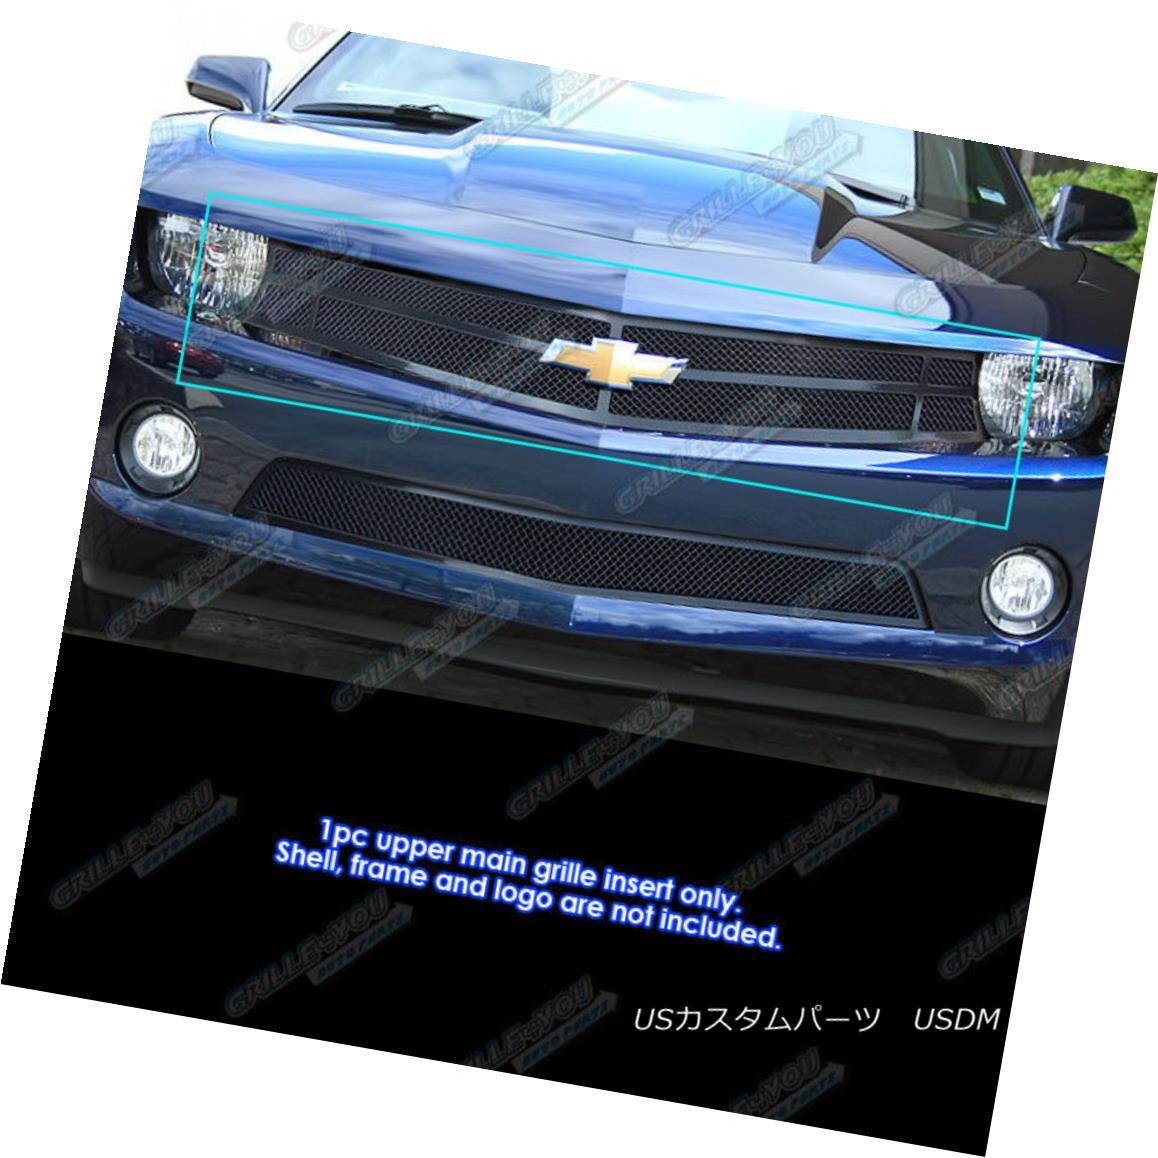 グリル For 2010-2013 Chevy Camaro LT/LS/RS/SS Black Mesh Grille Grill W/Logo show 2010-2013シボレーカマロLT / LS / RS / SSブラックメッシュグリルグリルW /ロゴショー